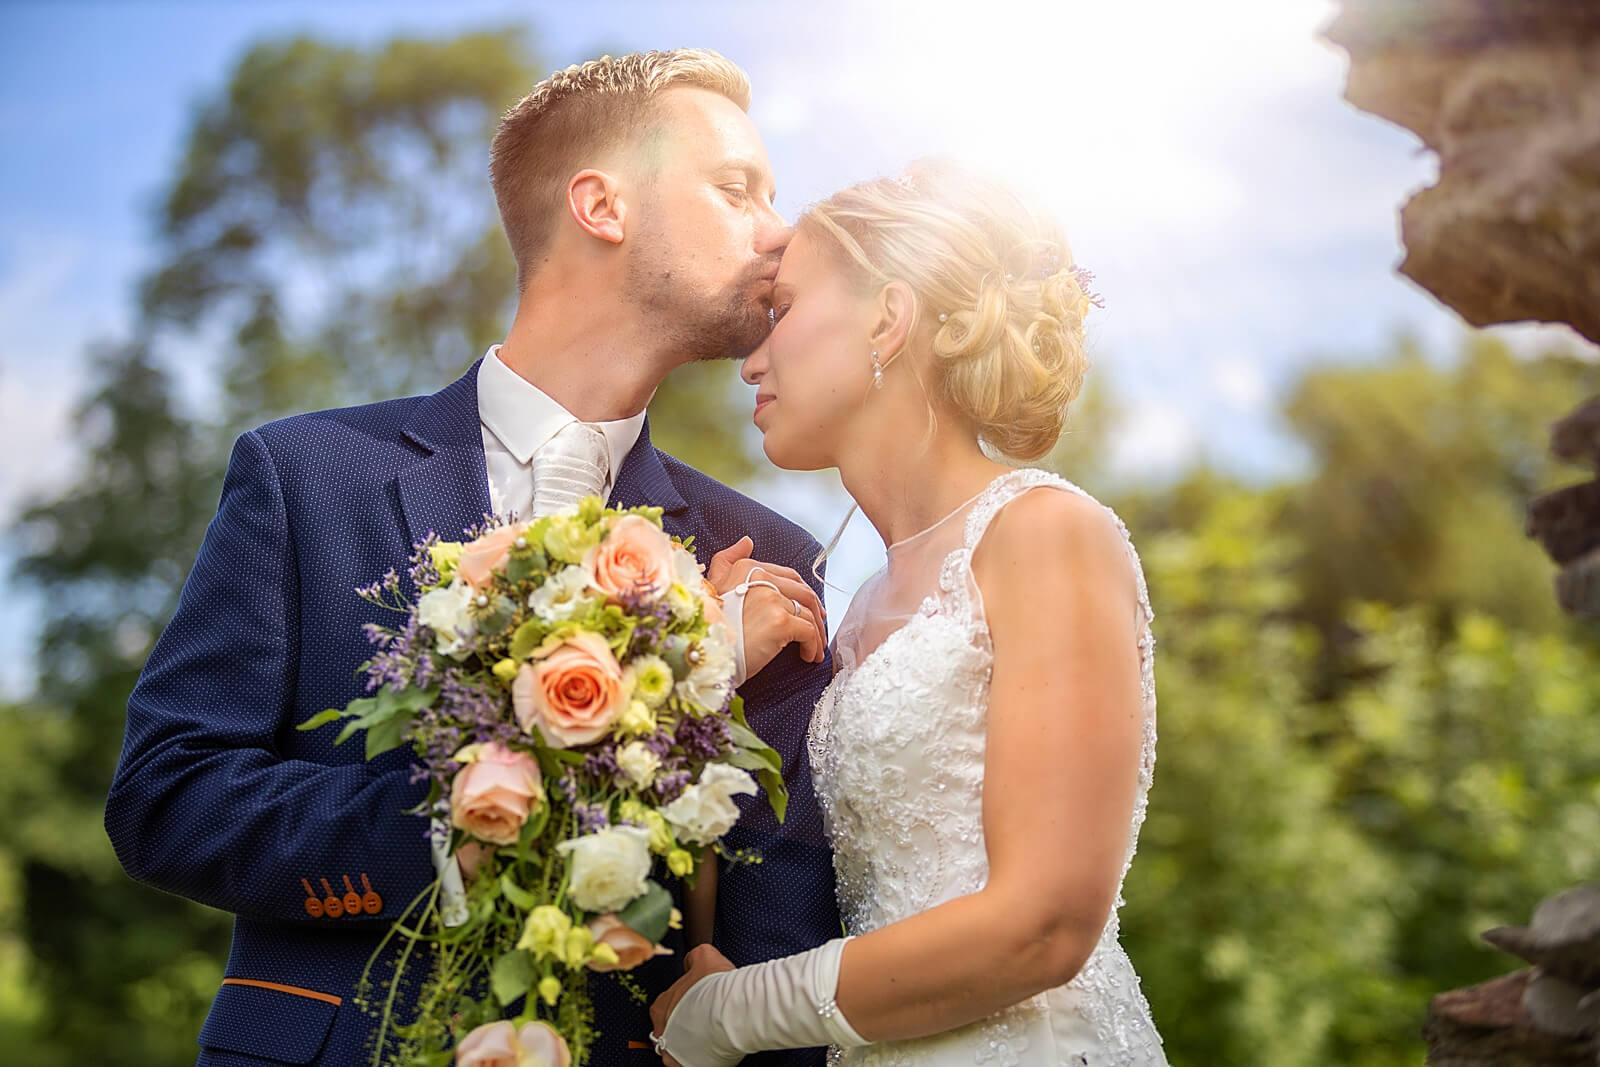 Hochzeit-Erzgebirge-Annaberg-Photoron Kopie.jpg